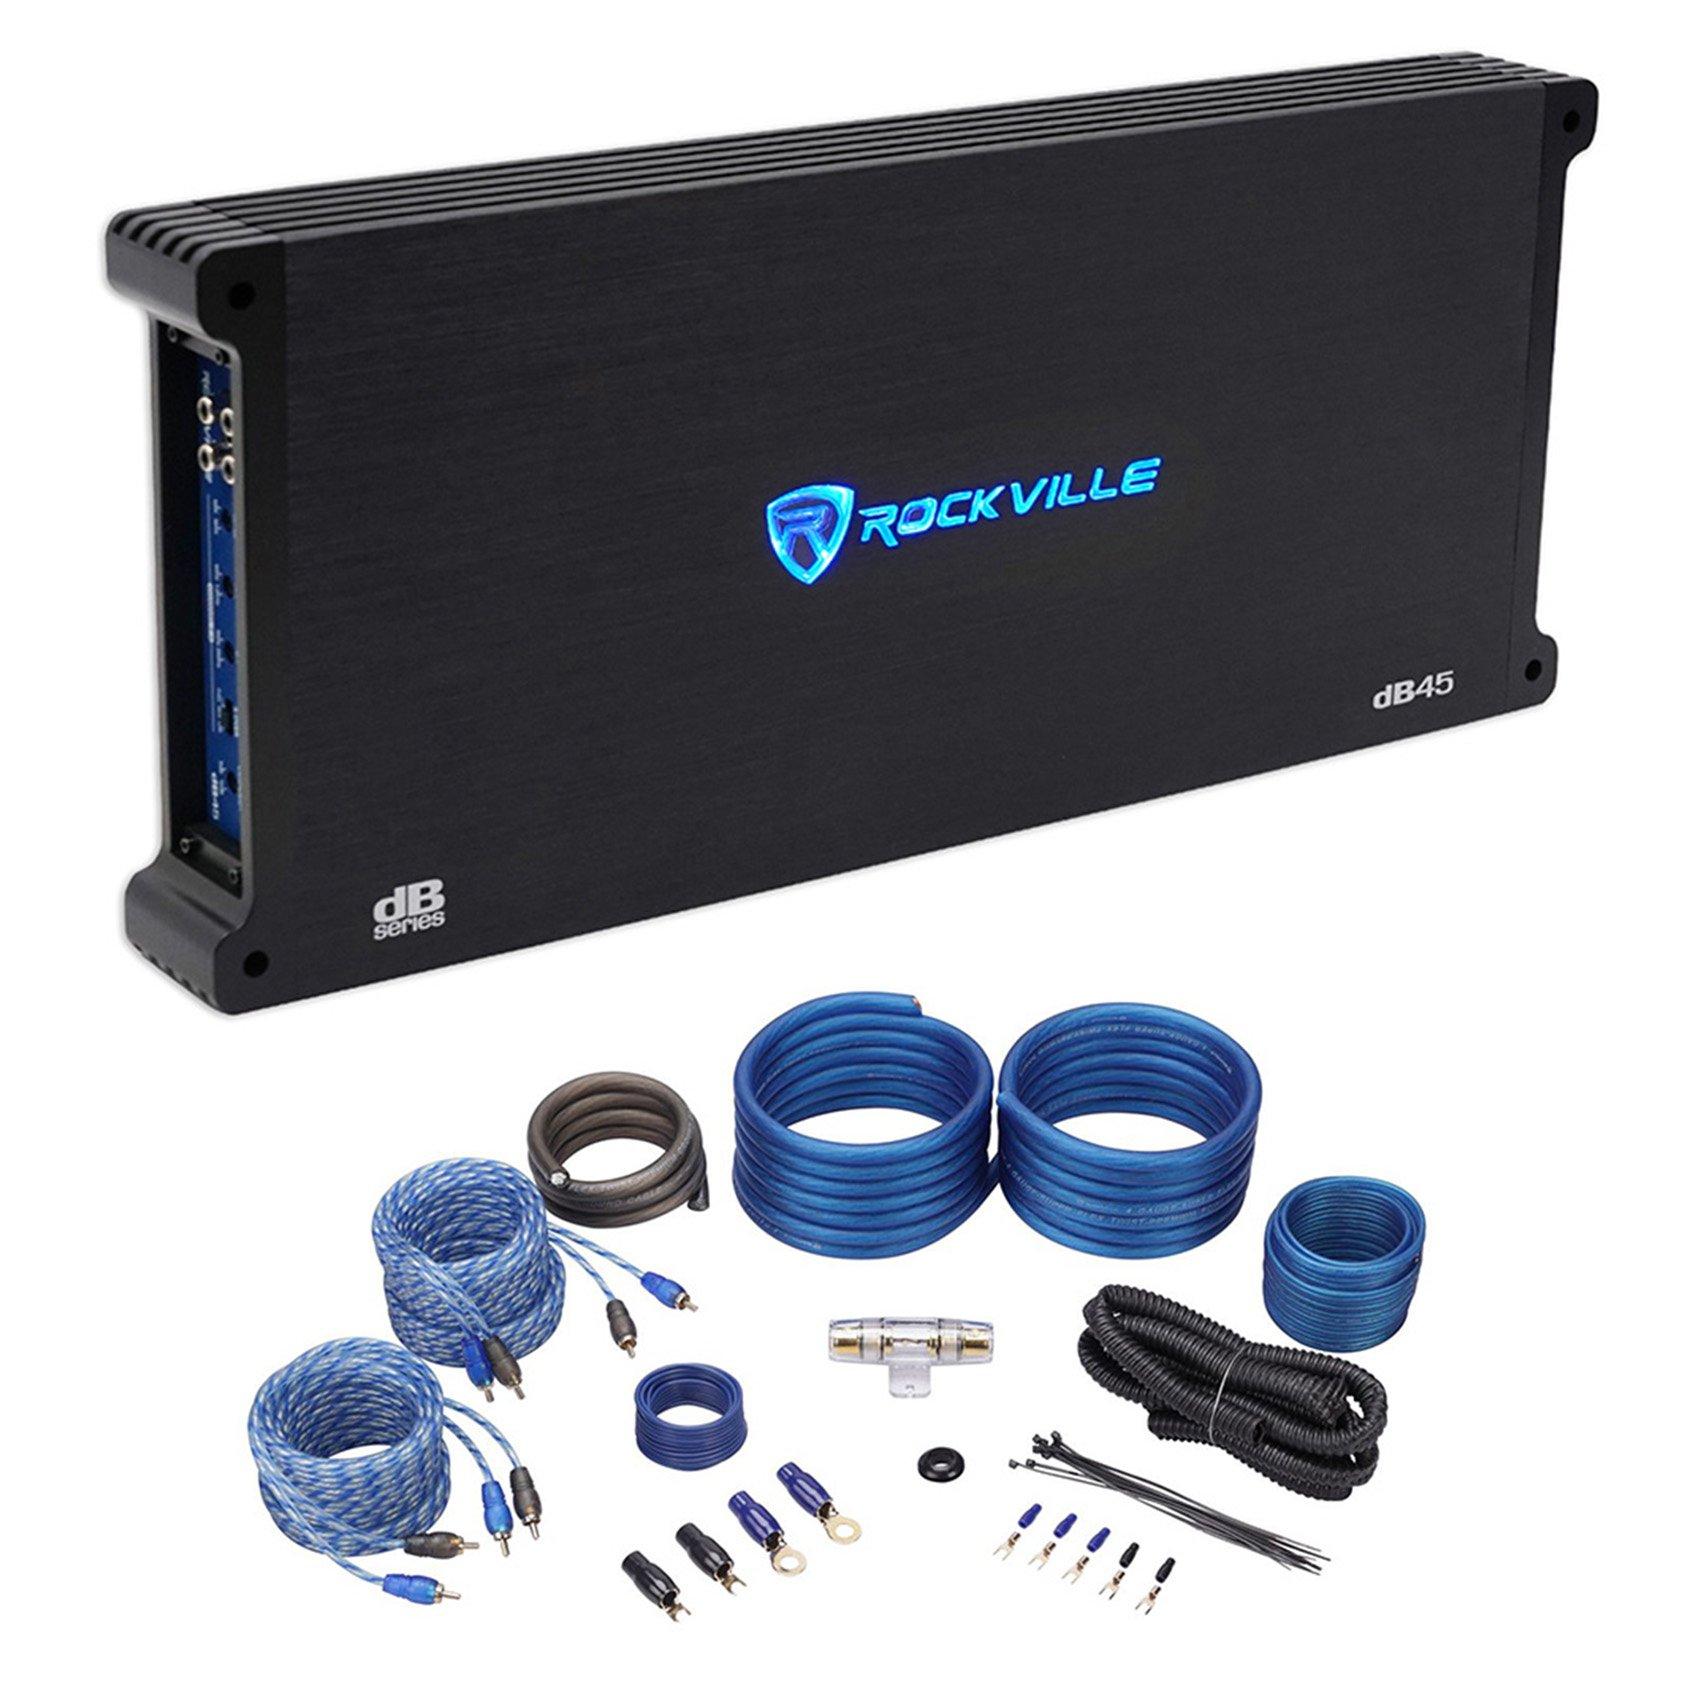 Rockville dB55 4000w Compliant Amplifier